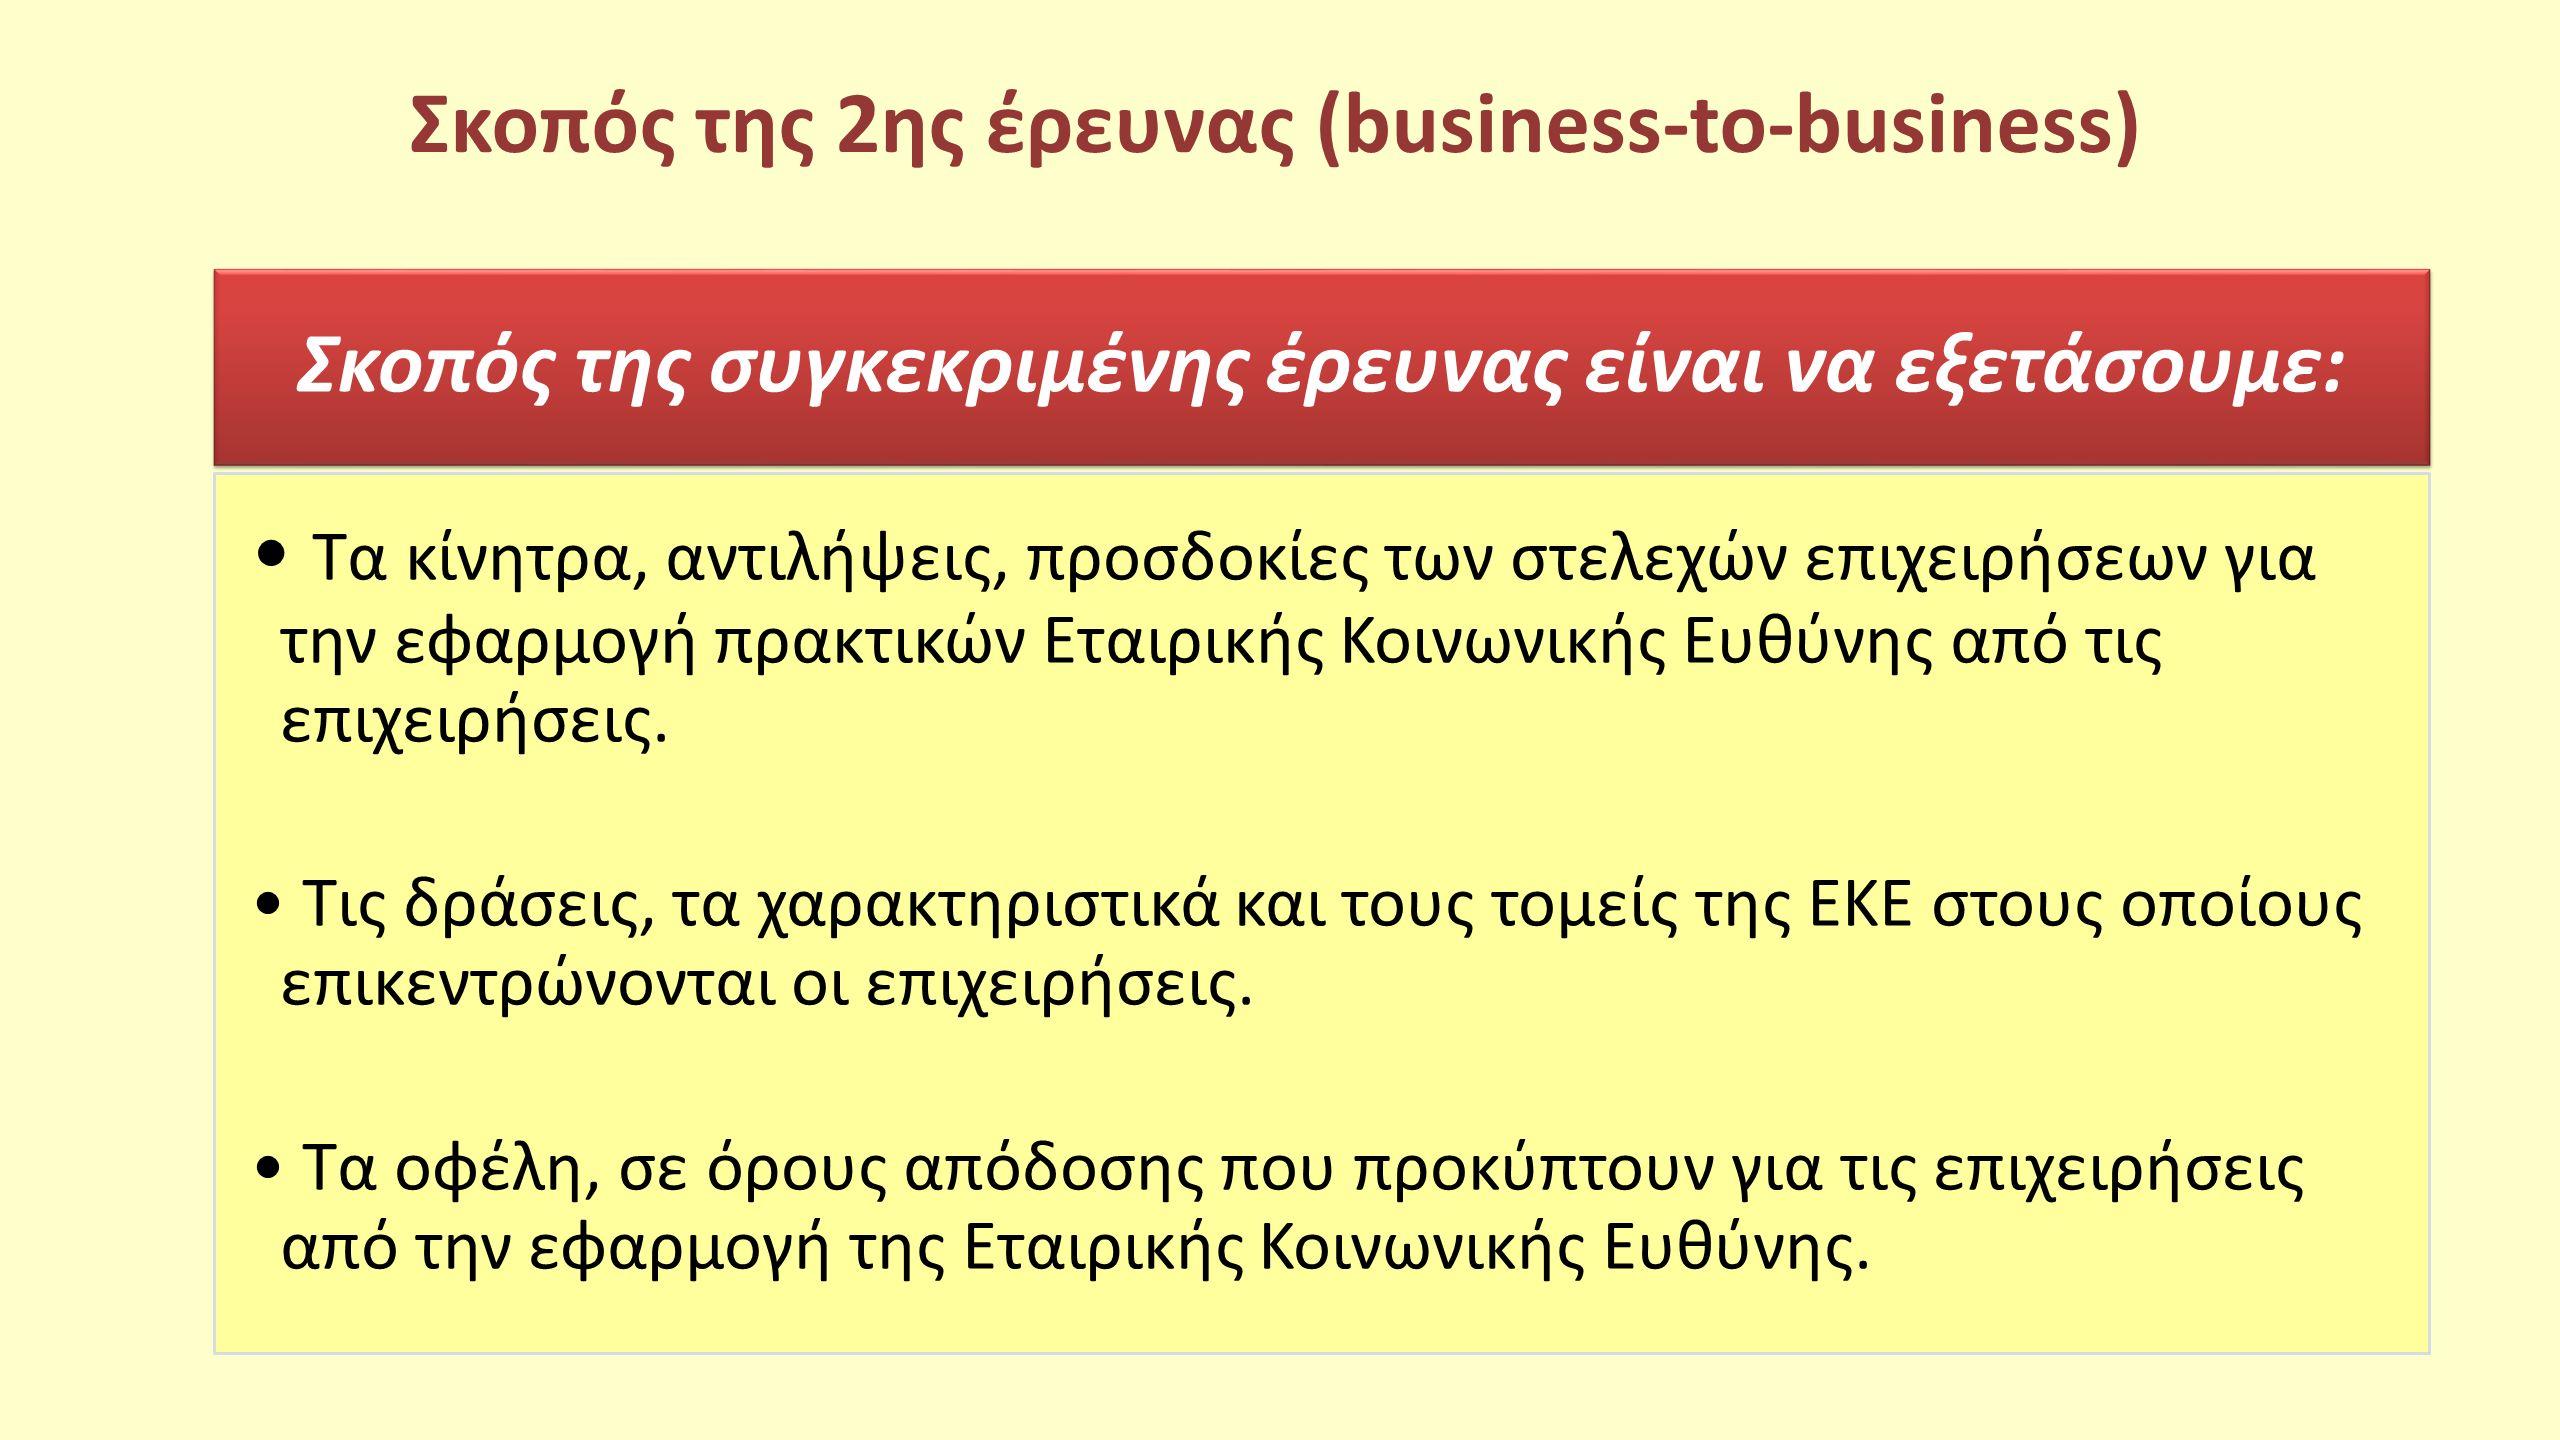 Σκοπός της 2ης έρευνας (business-to-business) Σκοπός της συγκεκριμένης έρευνας είναι να εξετάσουμε: Τα κίνητρα, αντιλήψεις, προσδοκίες των στελεχών επ